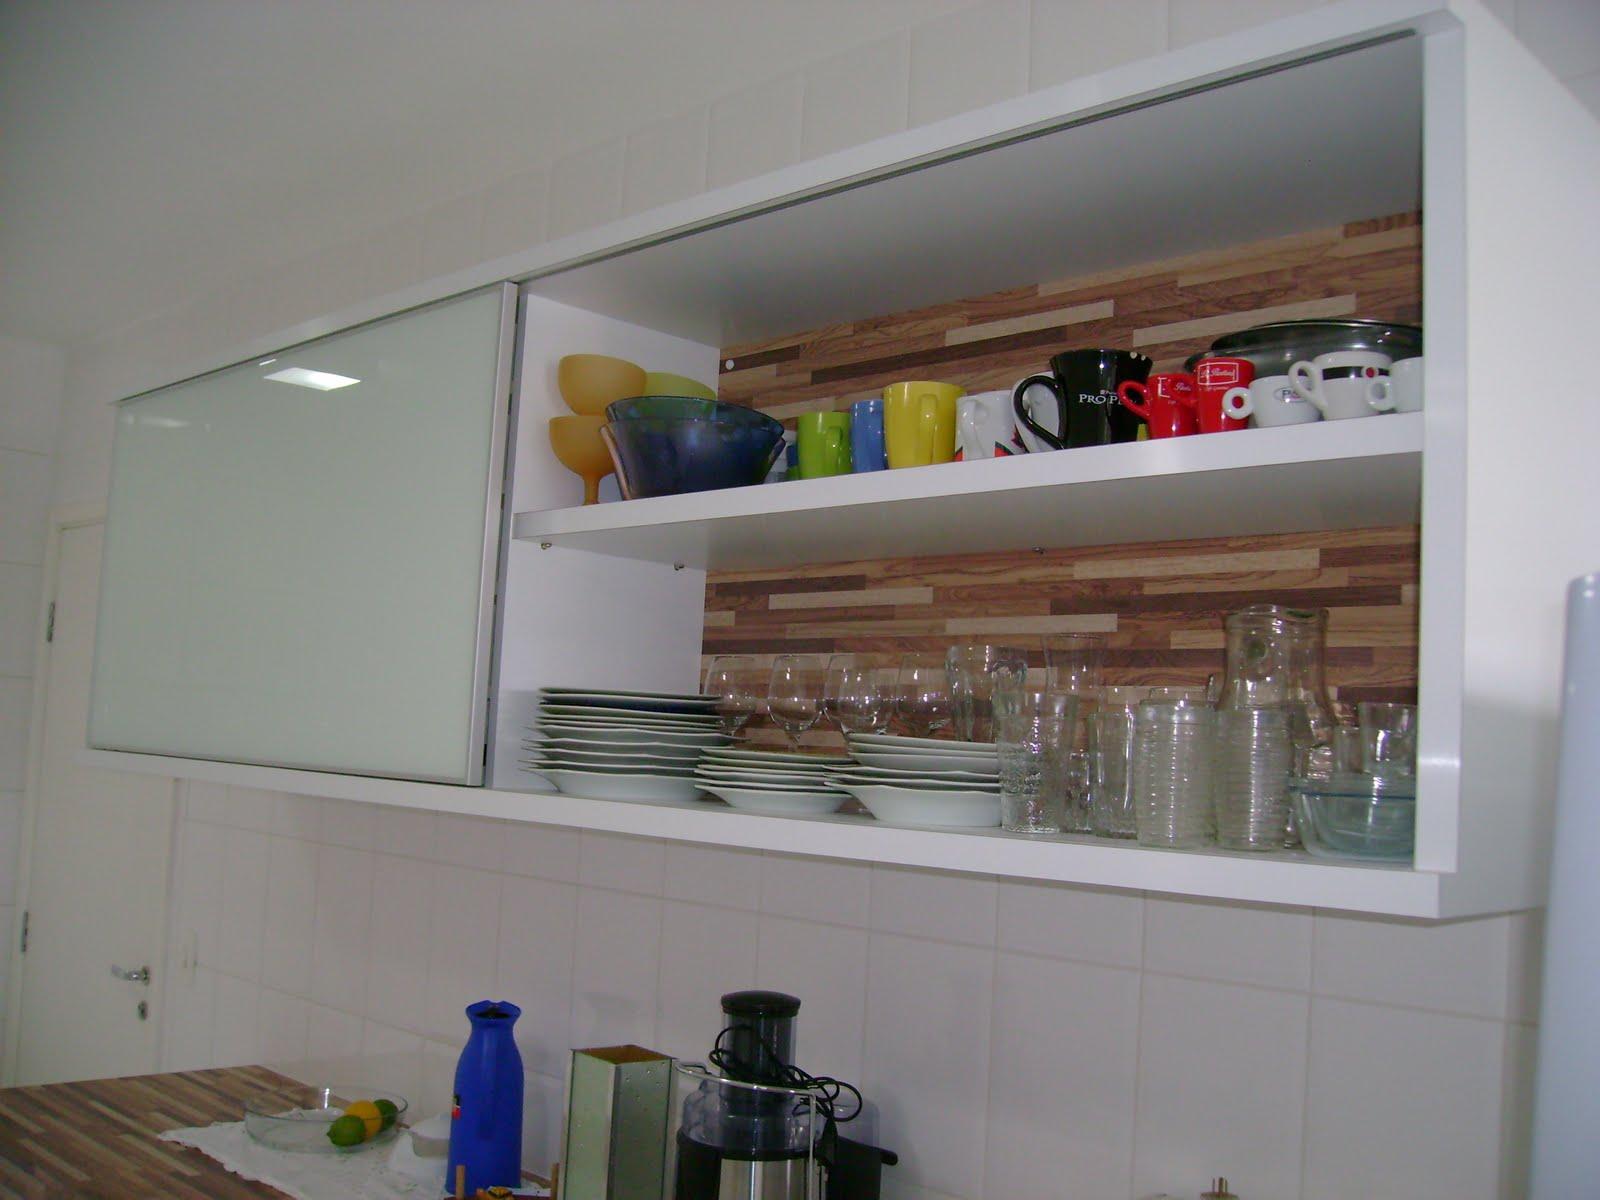 Marcenaria JBS: Julho 2010 #212C67 1600x1200 Banheiro Com Vidro Serigrafado